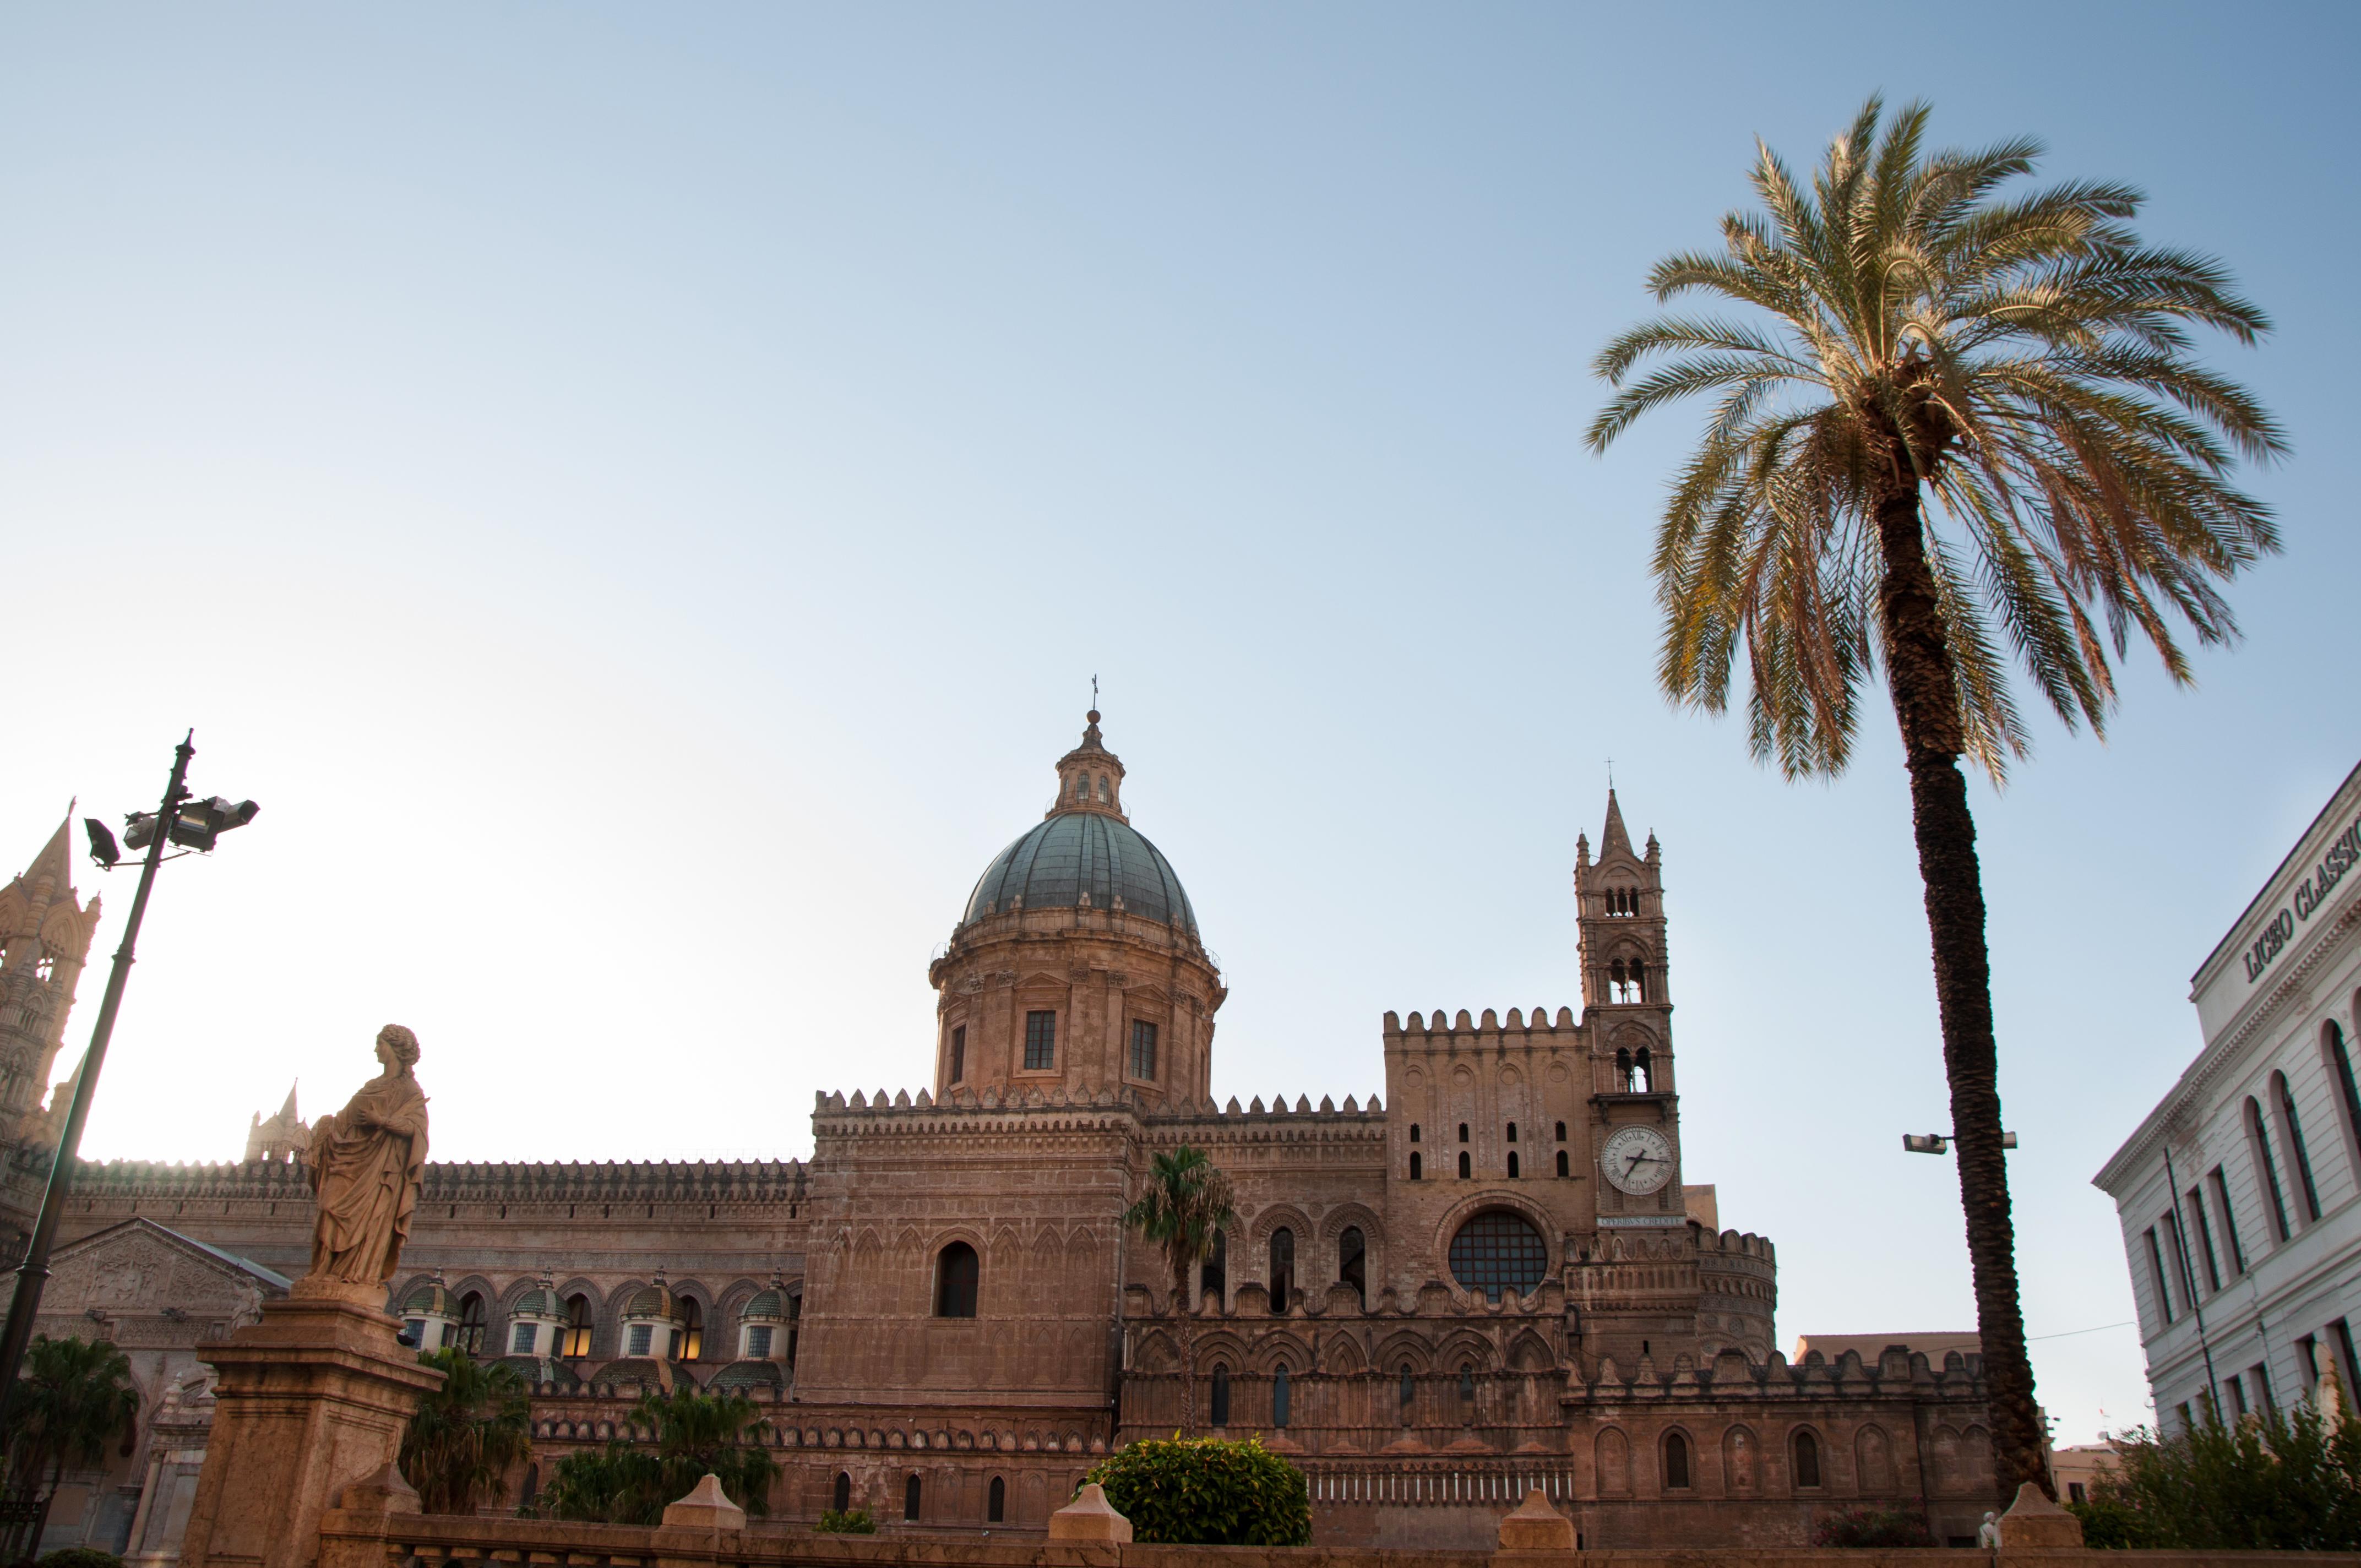 Palermo foto di Arianna Lodeserto